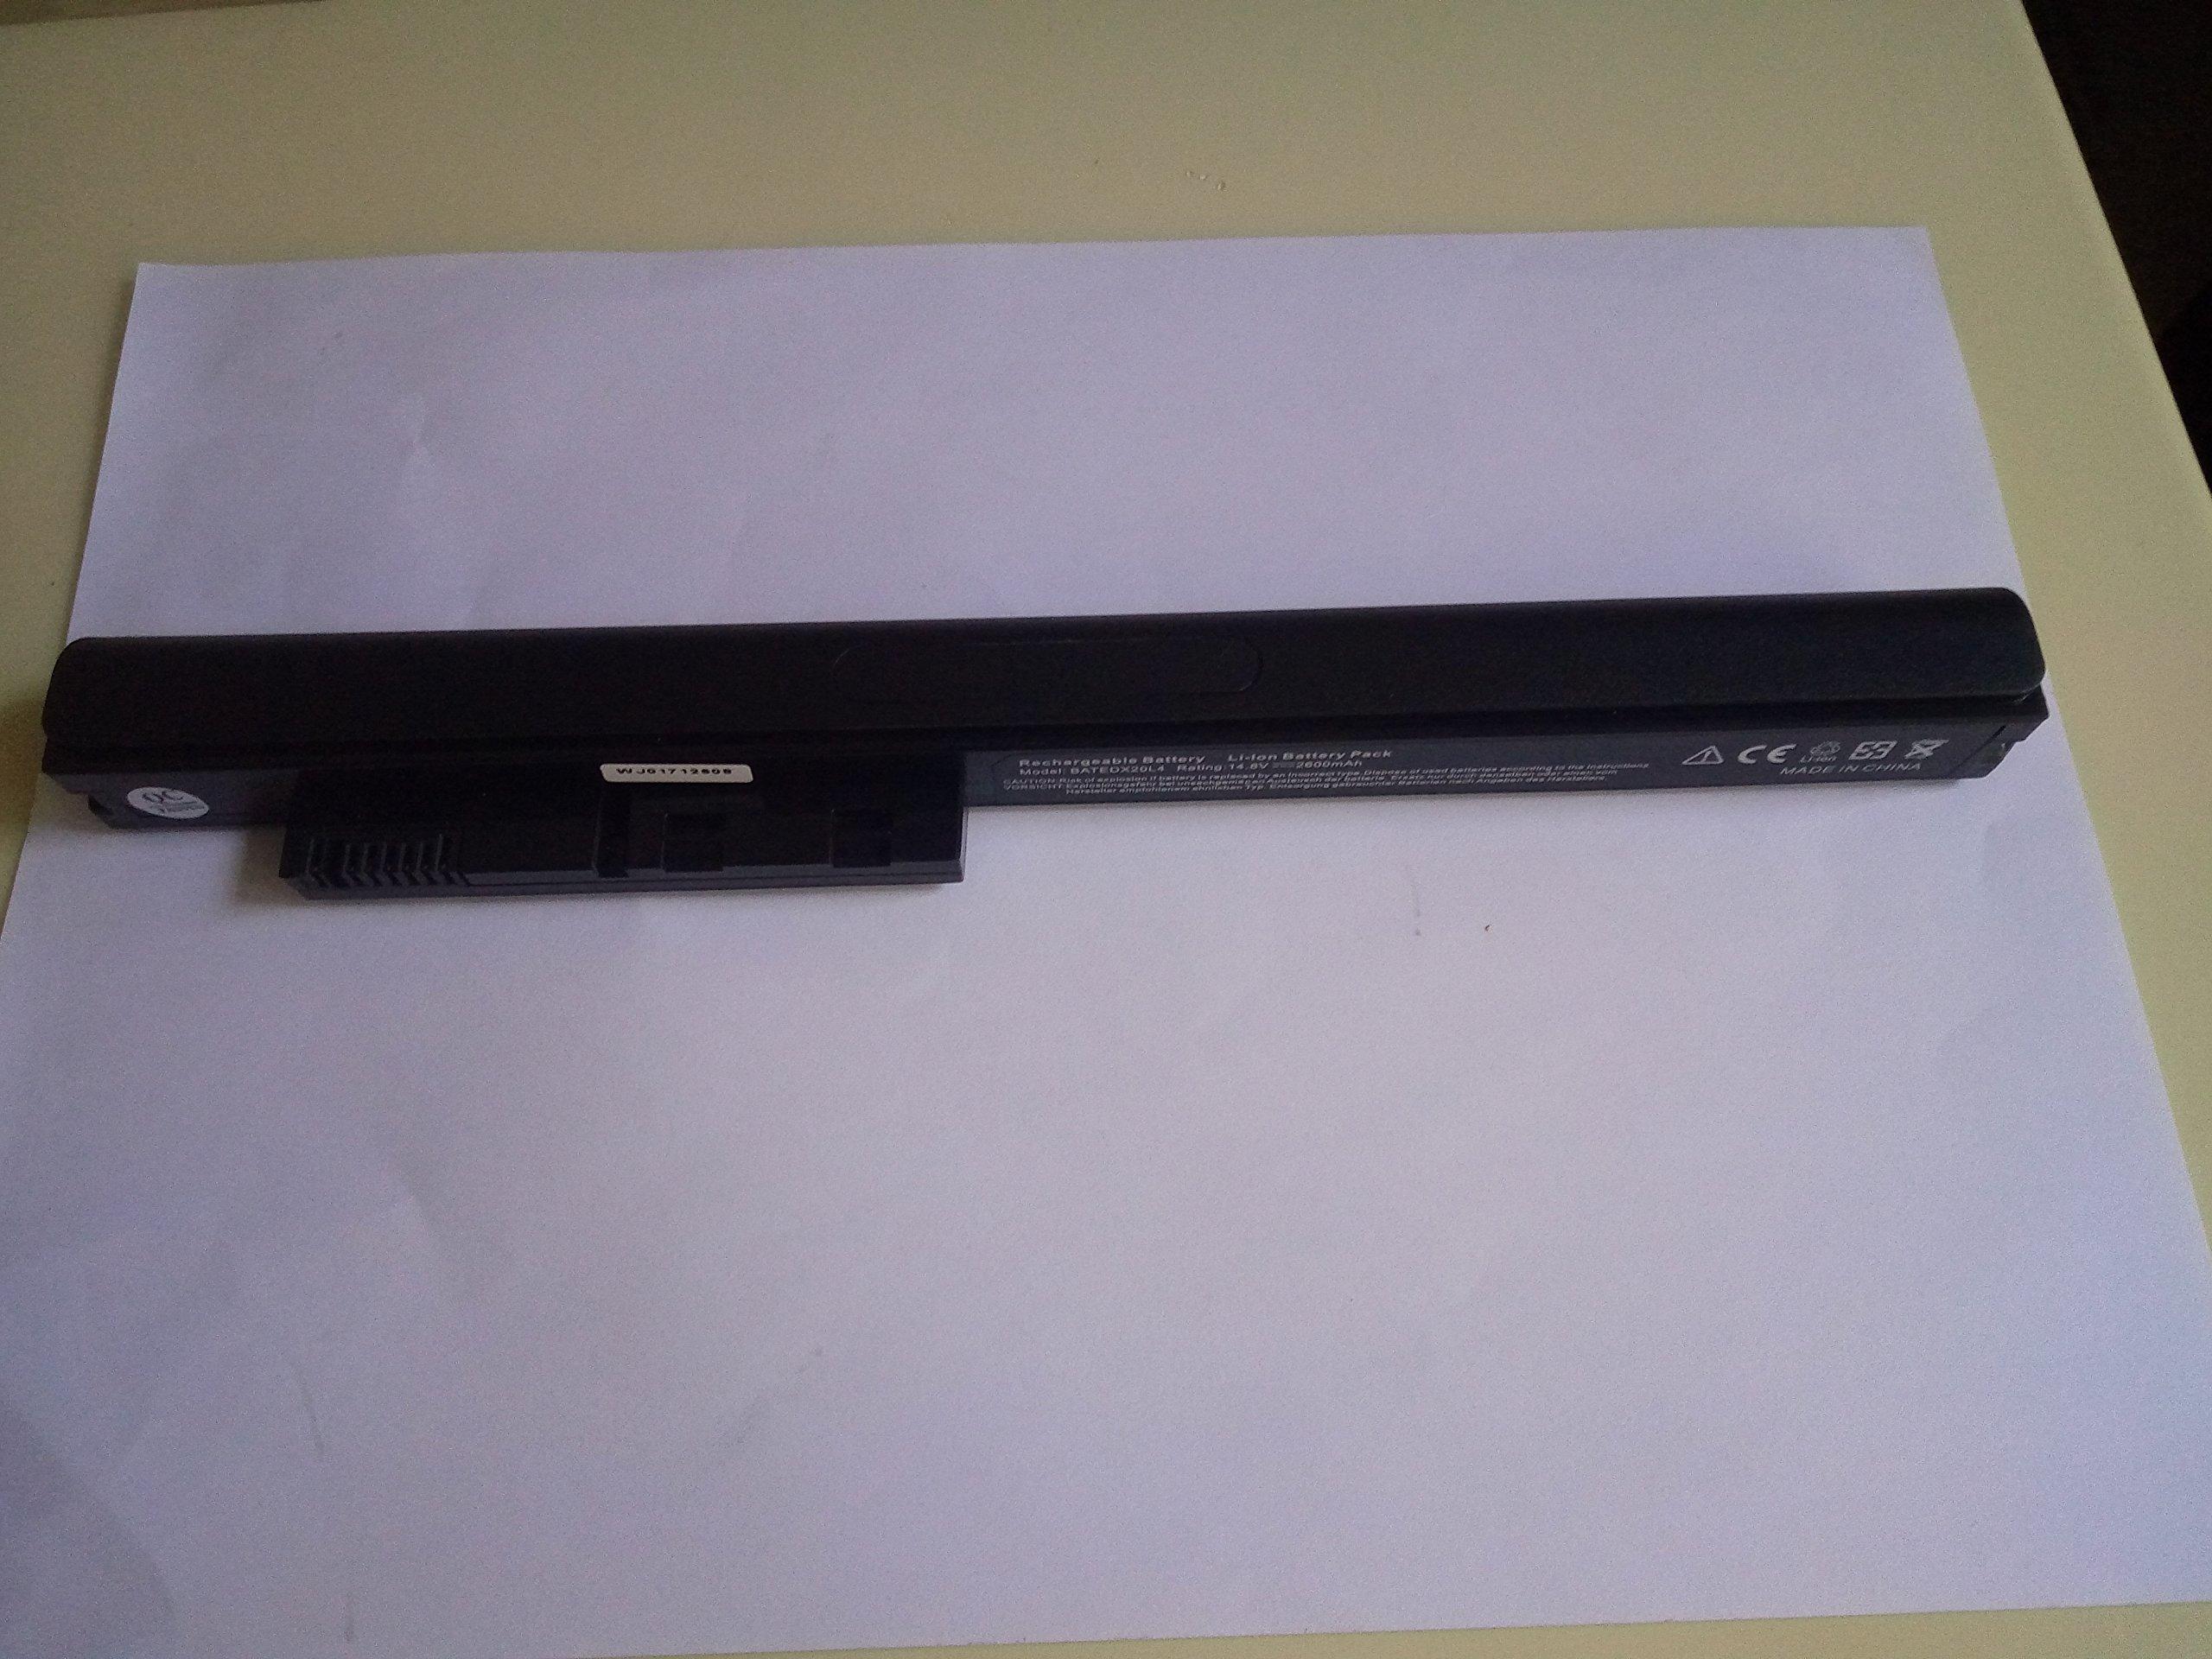 NEW Replacement Laptop battery BATEDX20L4 for Motion Computing LE1600 LE1700 BATEDX20L4 BATEDX20L by yxxm